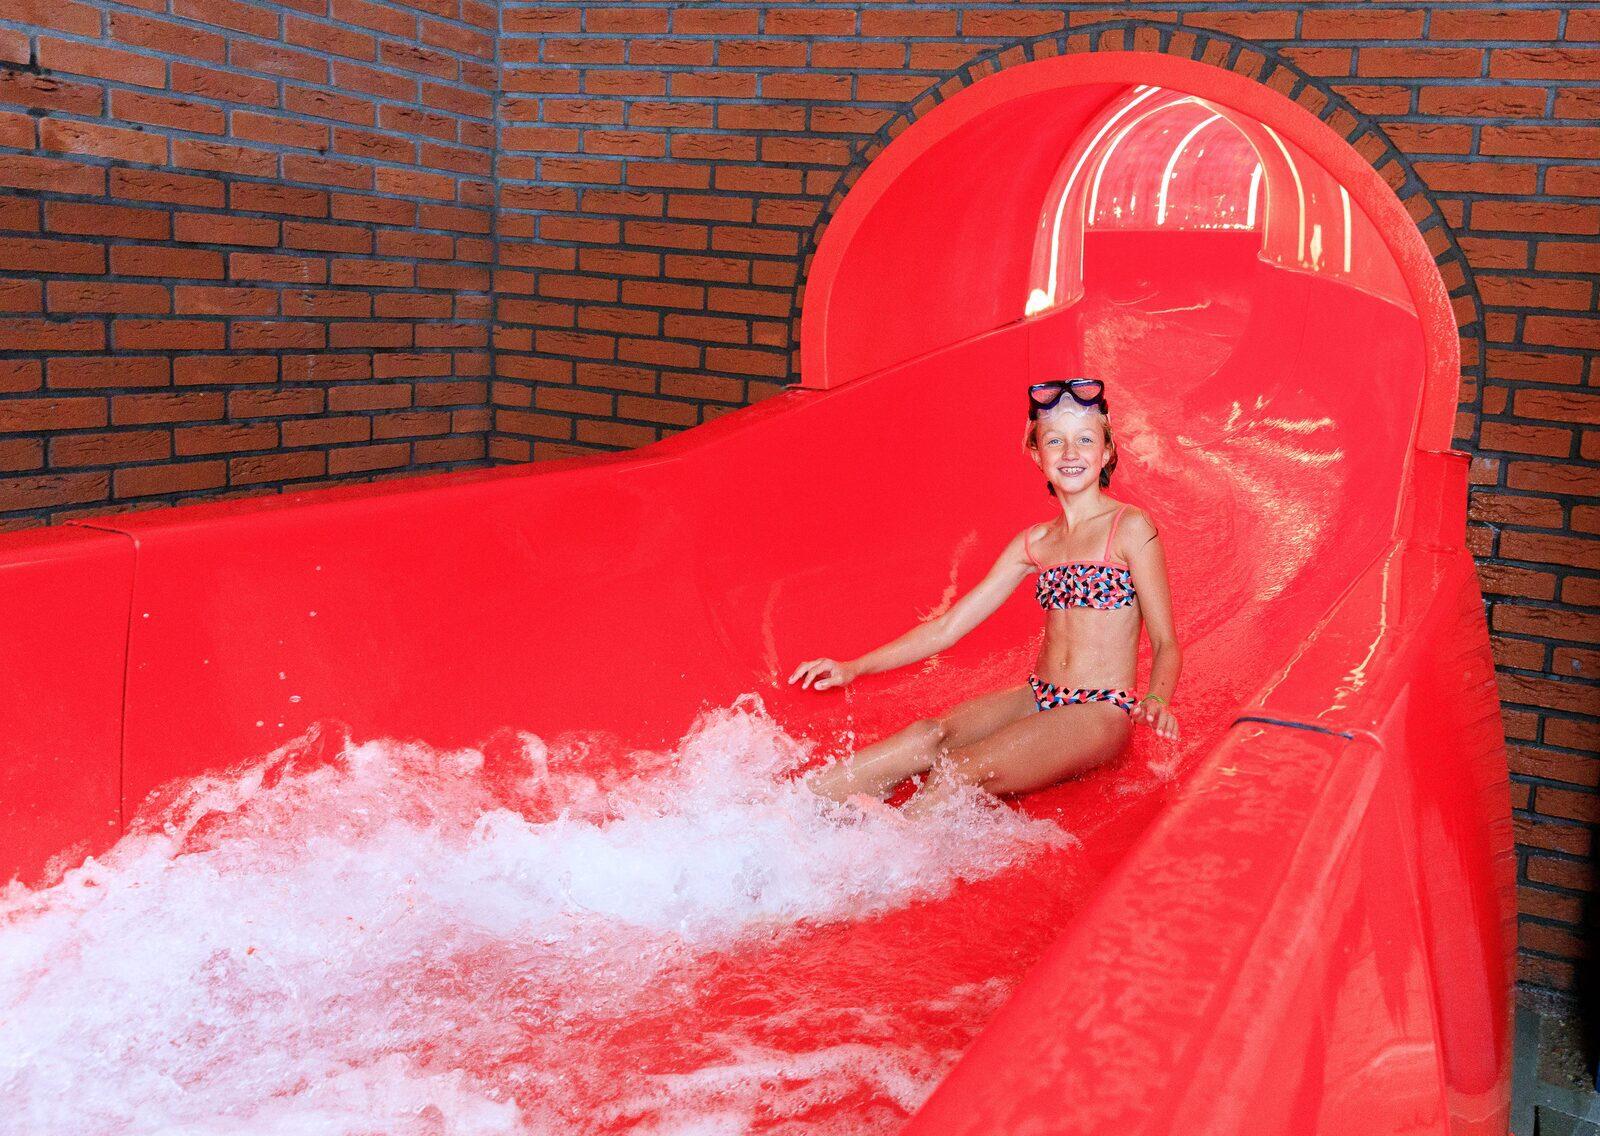 Glijbaan overdekt zwembad